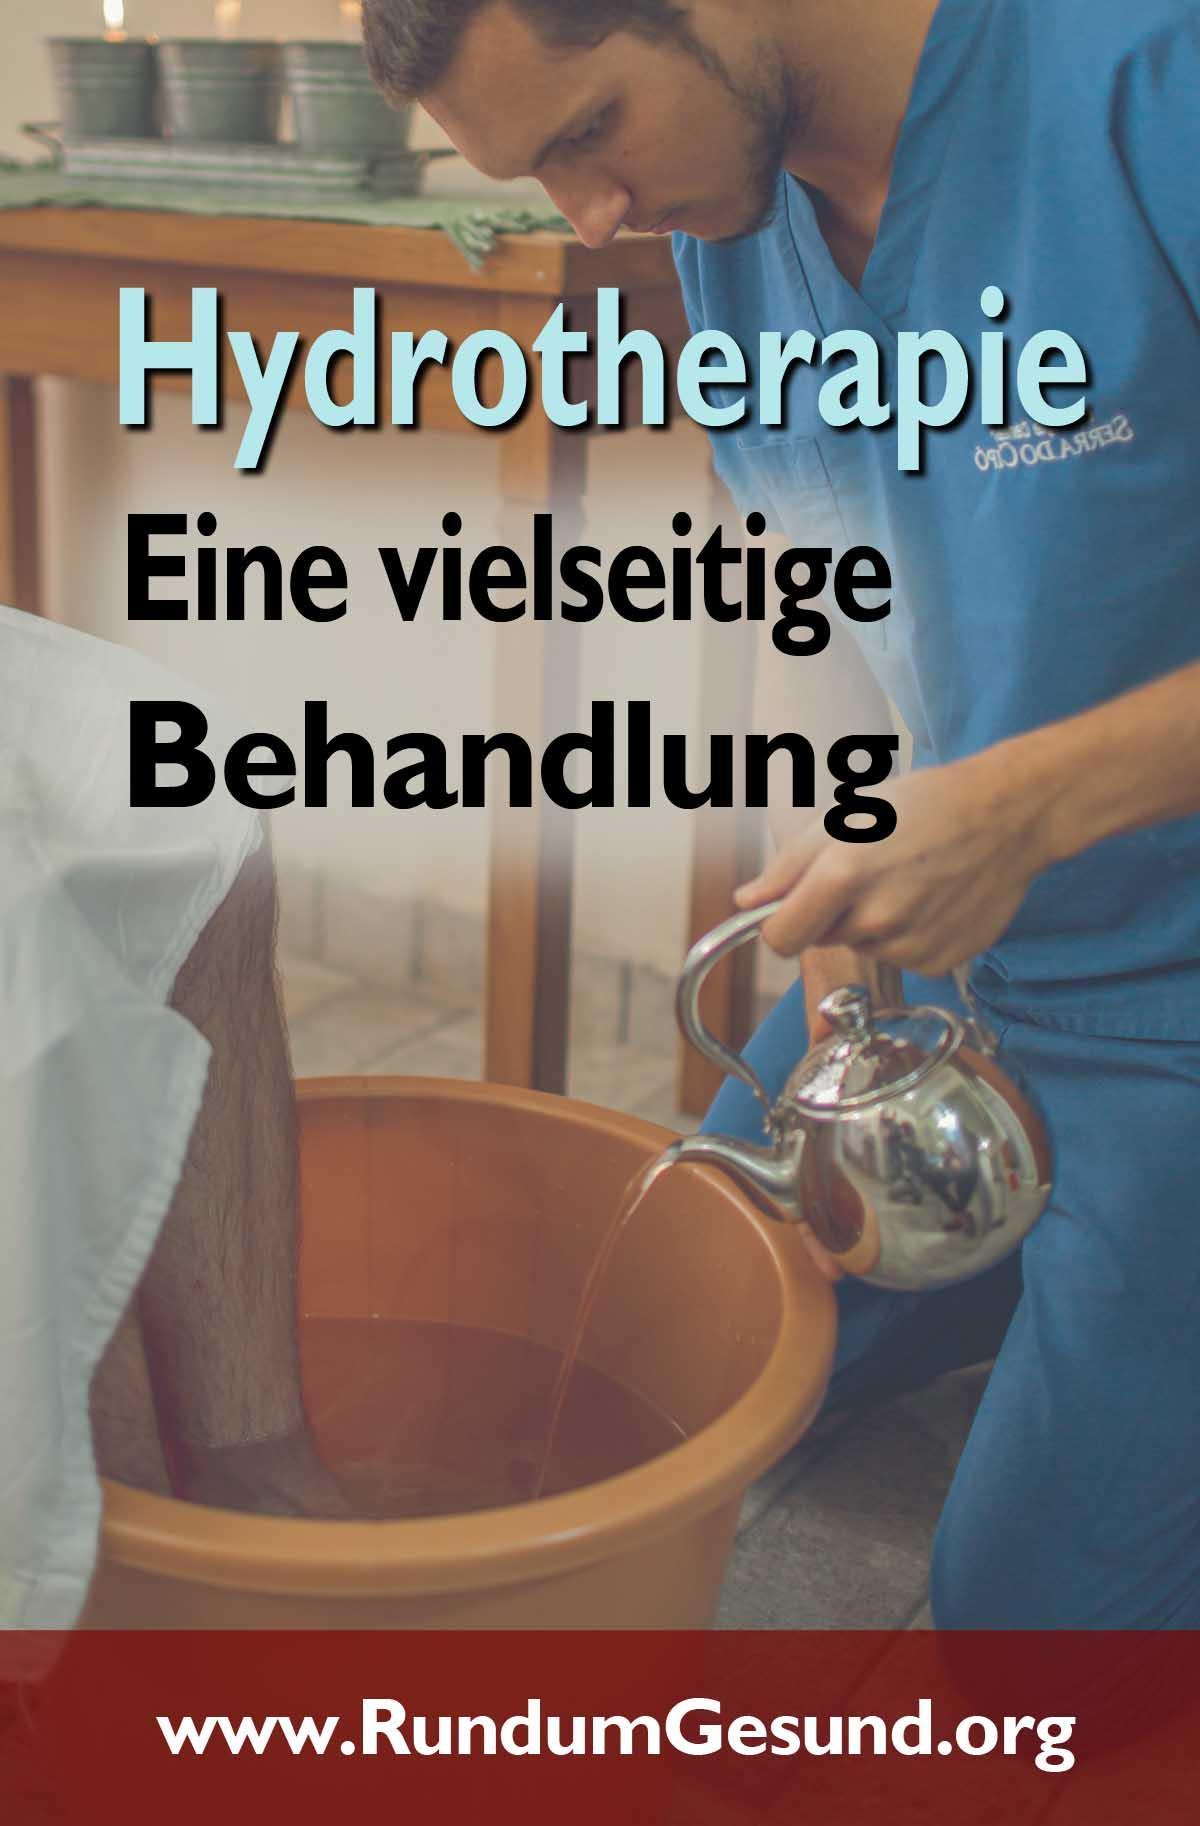 Hydrotherapie - eine vielseitige Behandlung